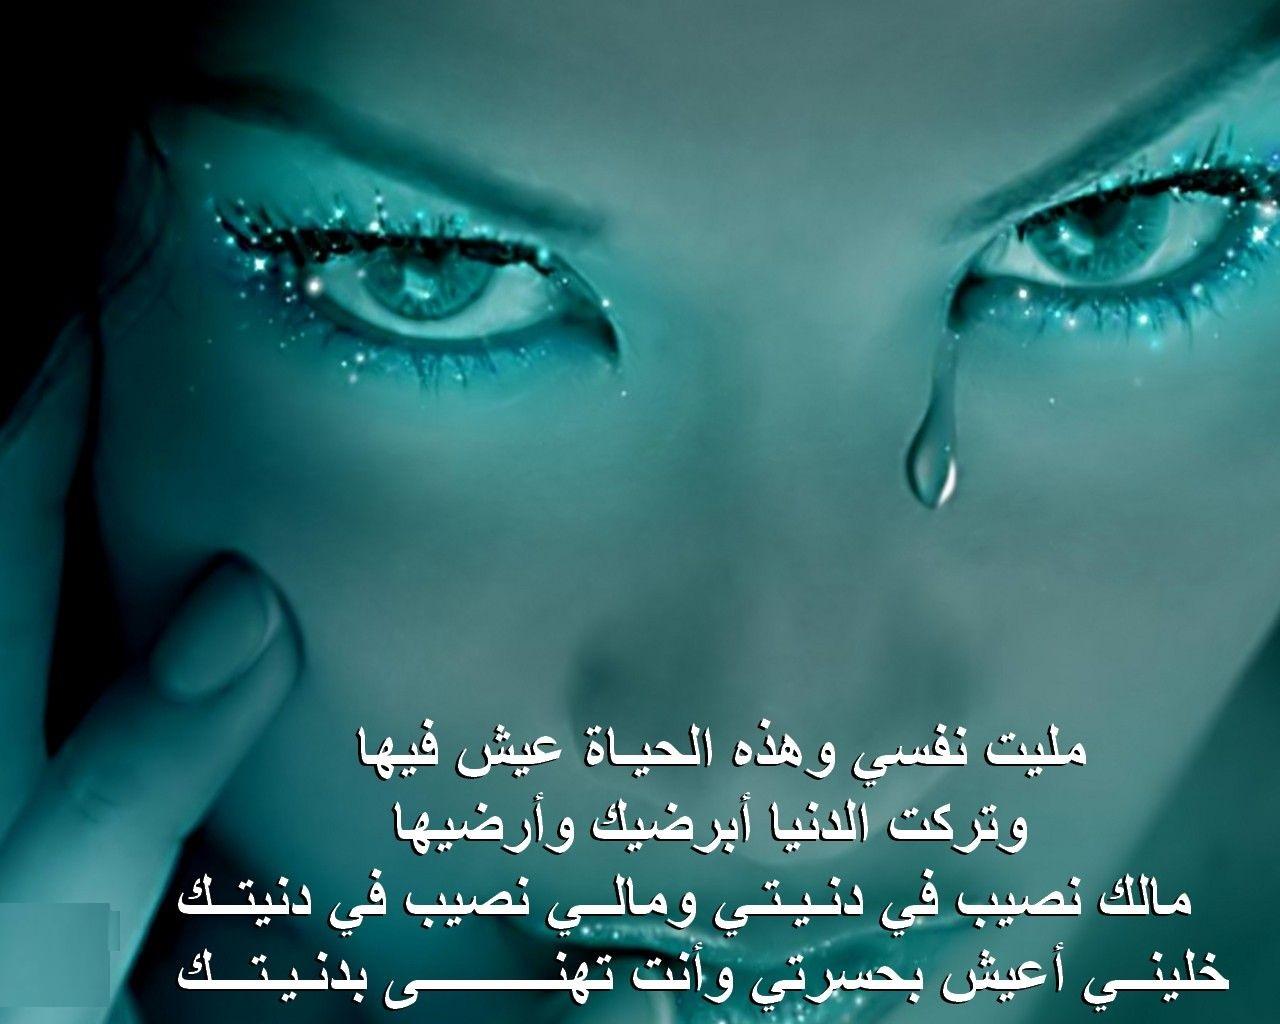 بالصور صور حزينه معبره , كلمات حزن تذيب القلب 2450 6